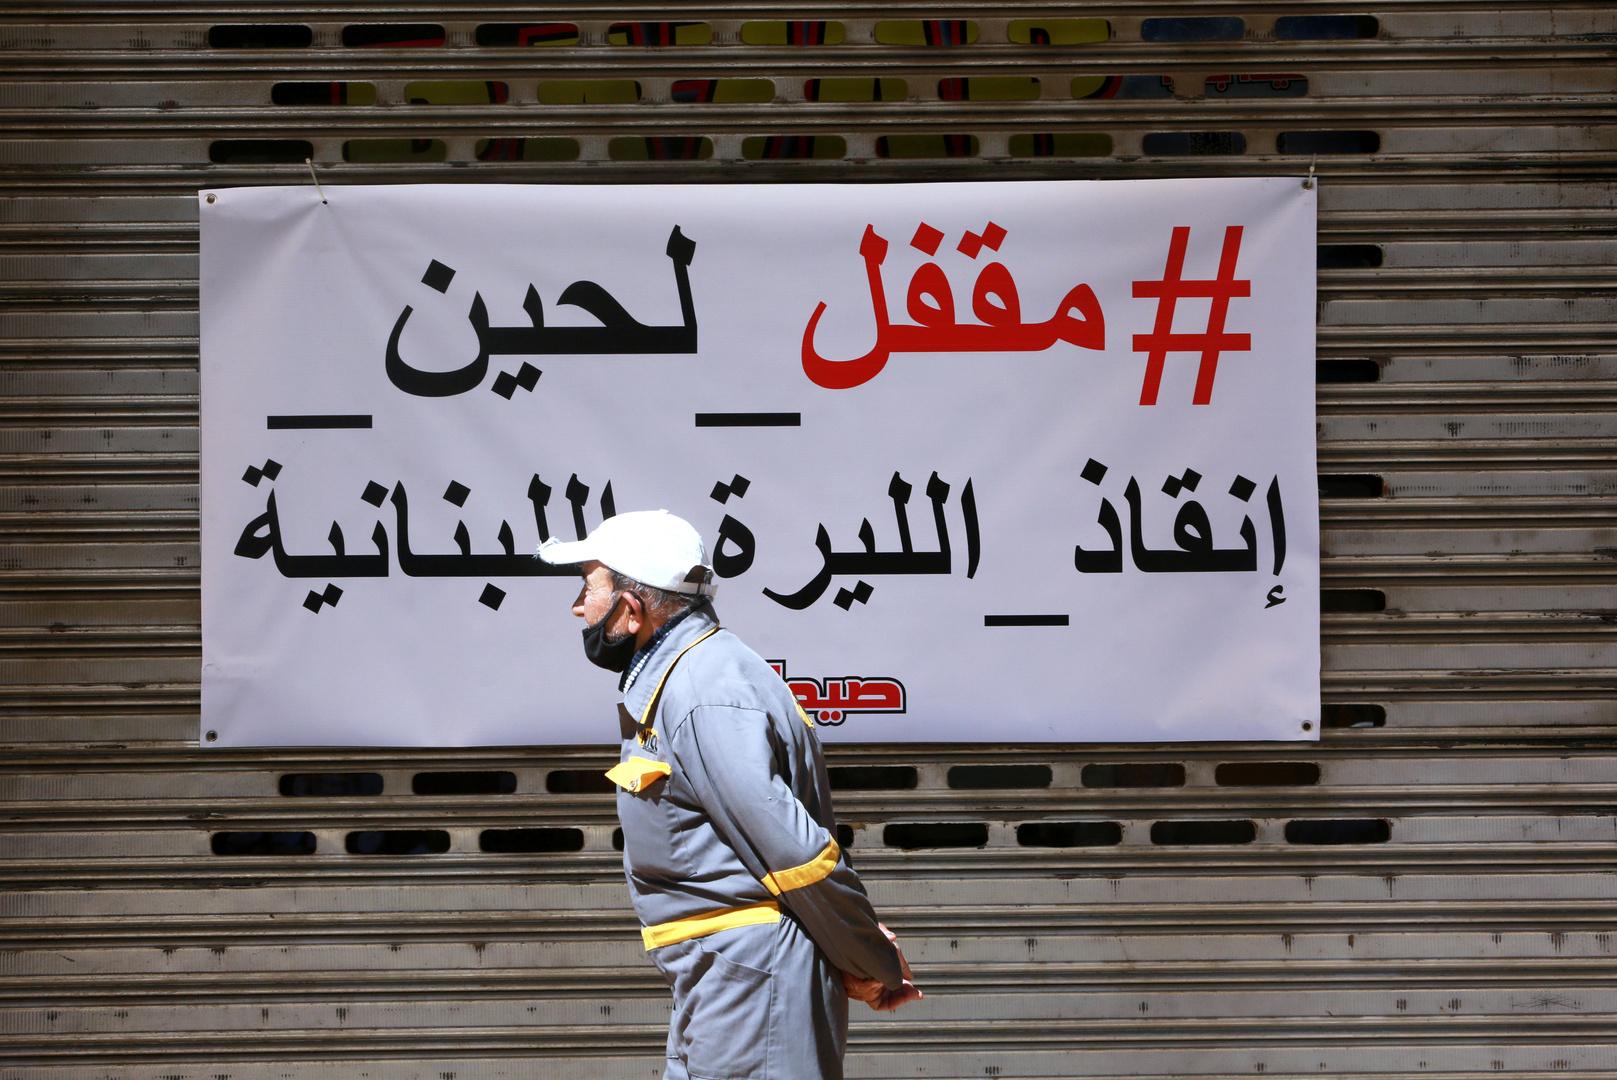 مصرف لبنان يعلن تقديم مراجعة لدى مجلس شورى الدولة حول